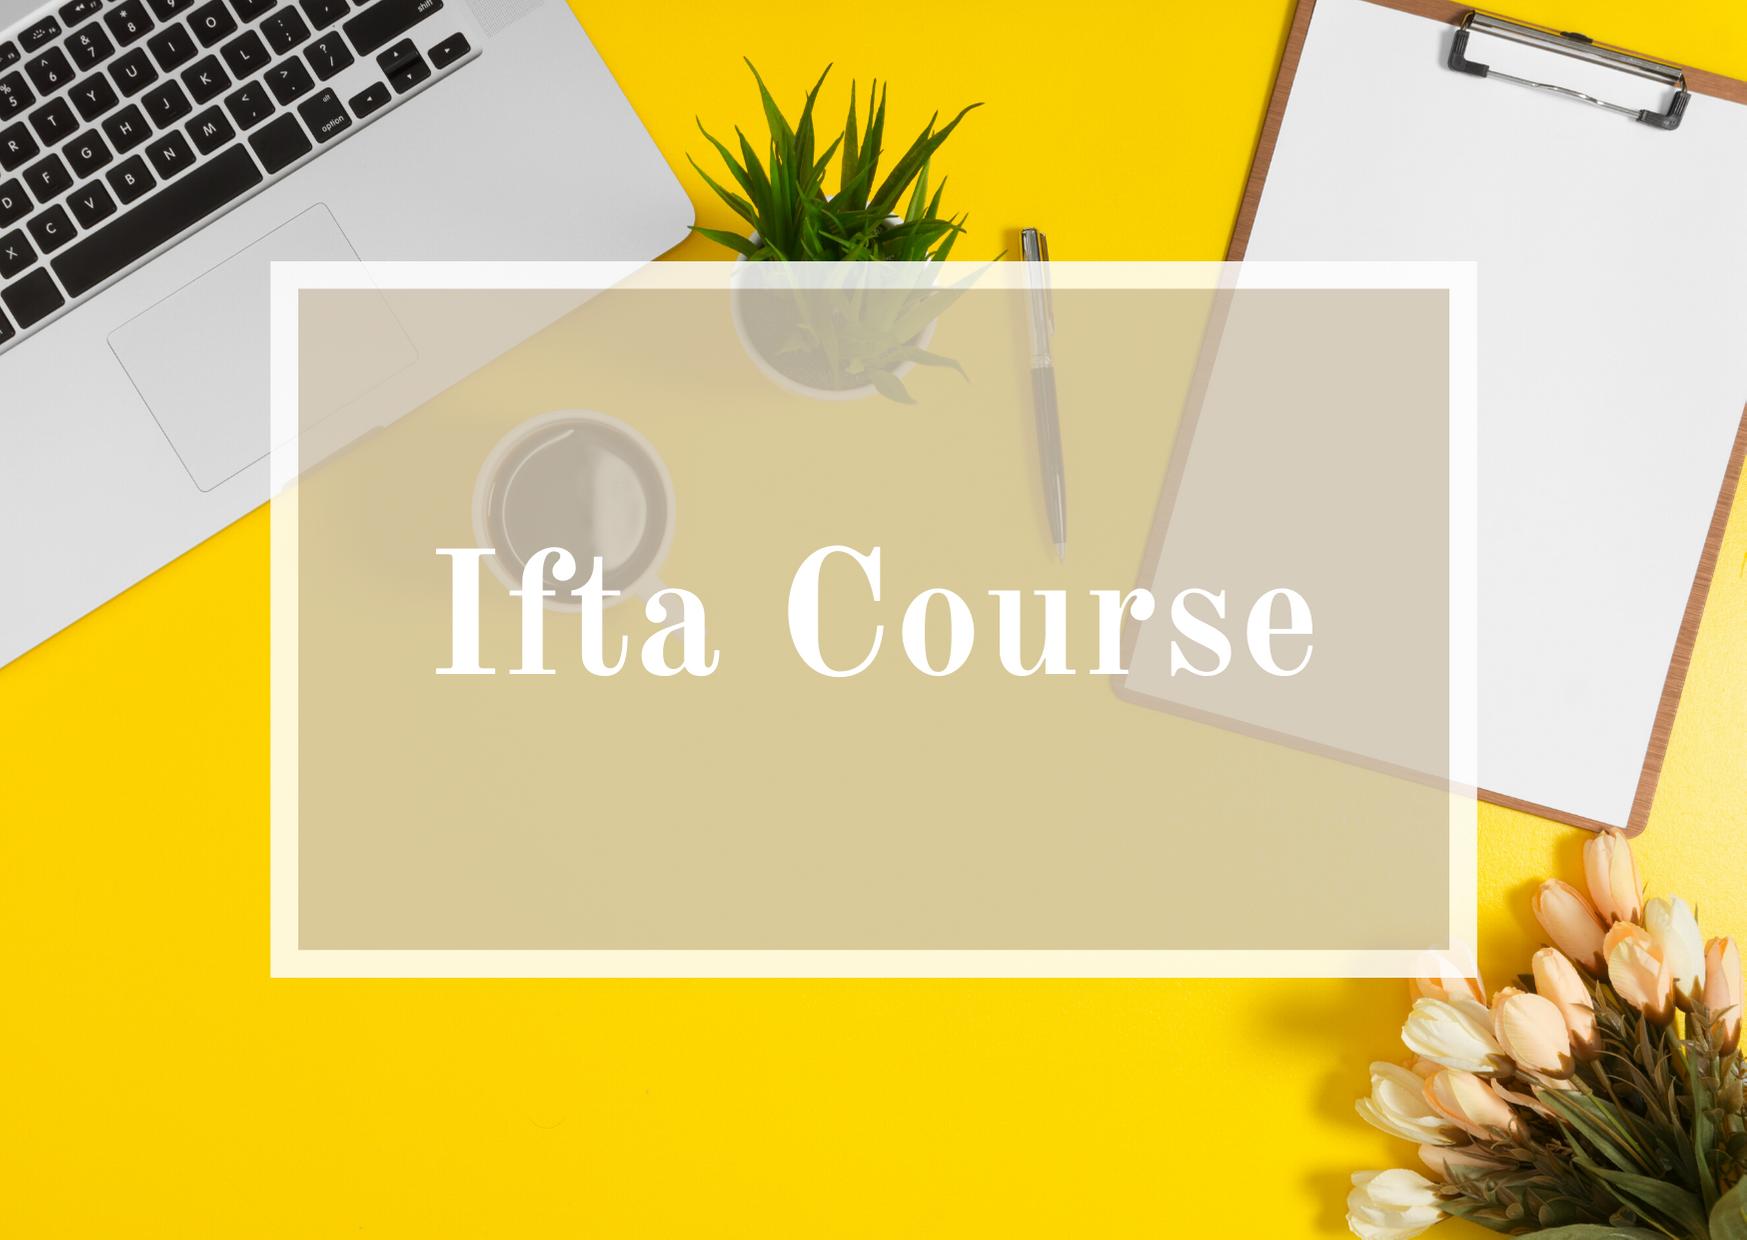 Ifta Course